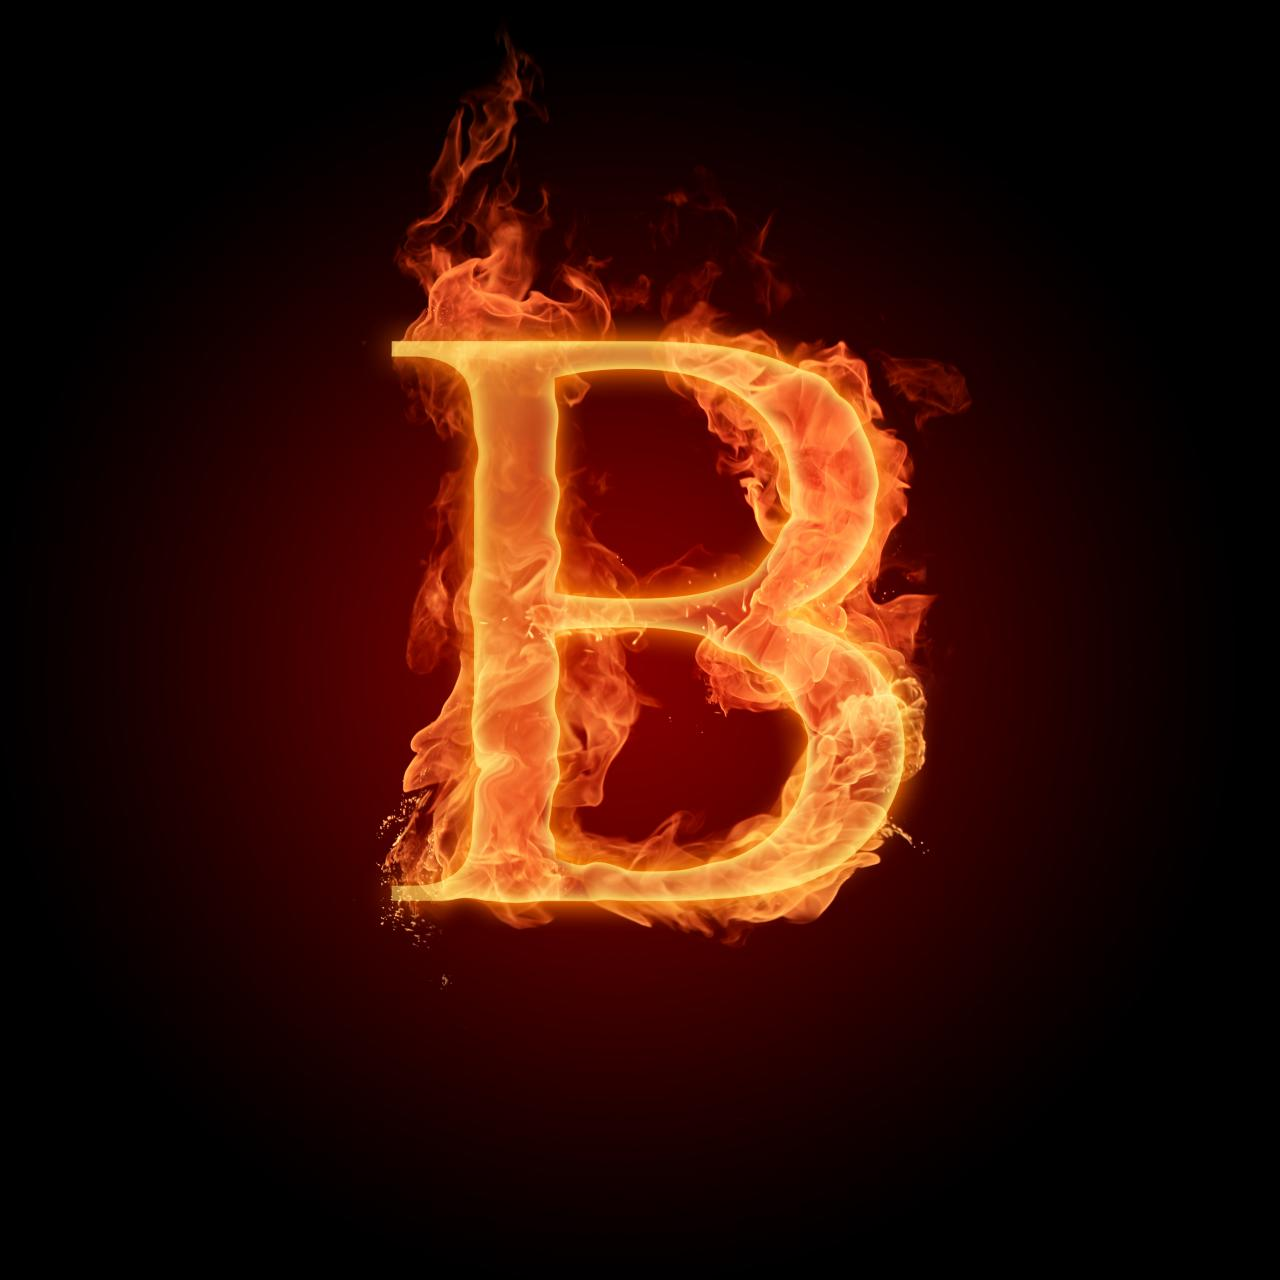 بالصور صور حرف b , اجمل الصور المكتوب عليها حرف b 2507 10